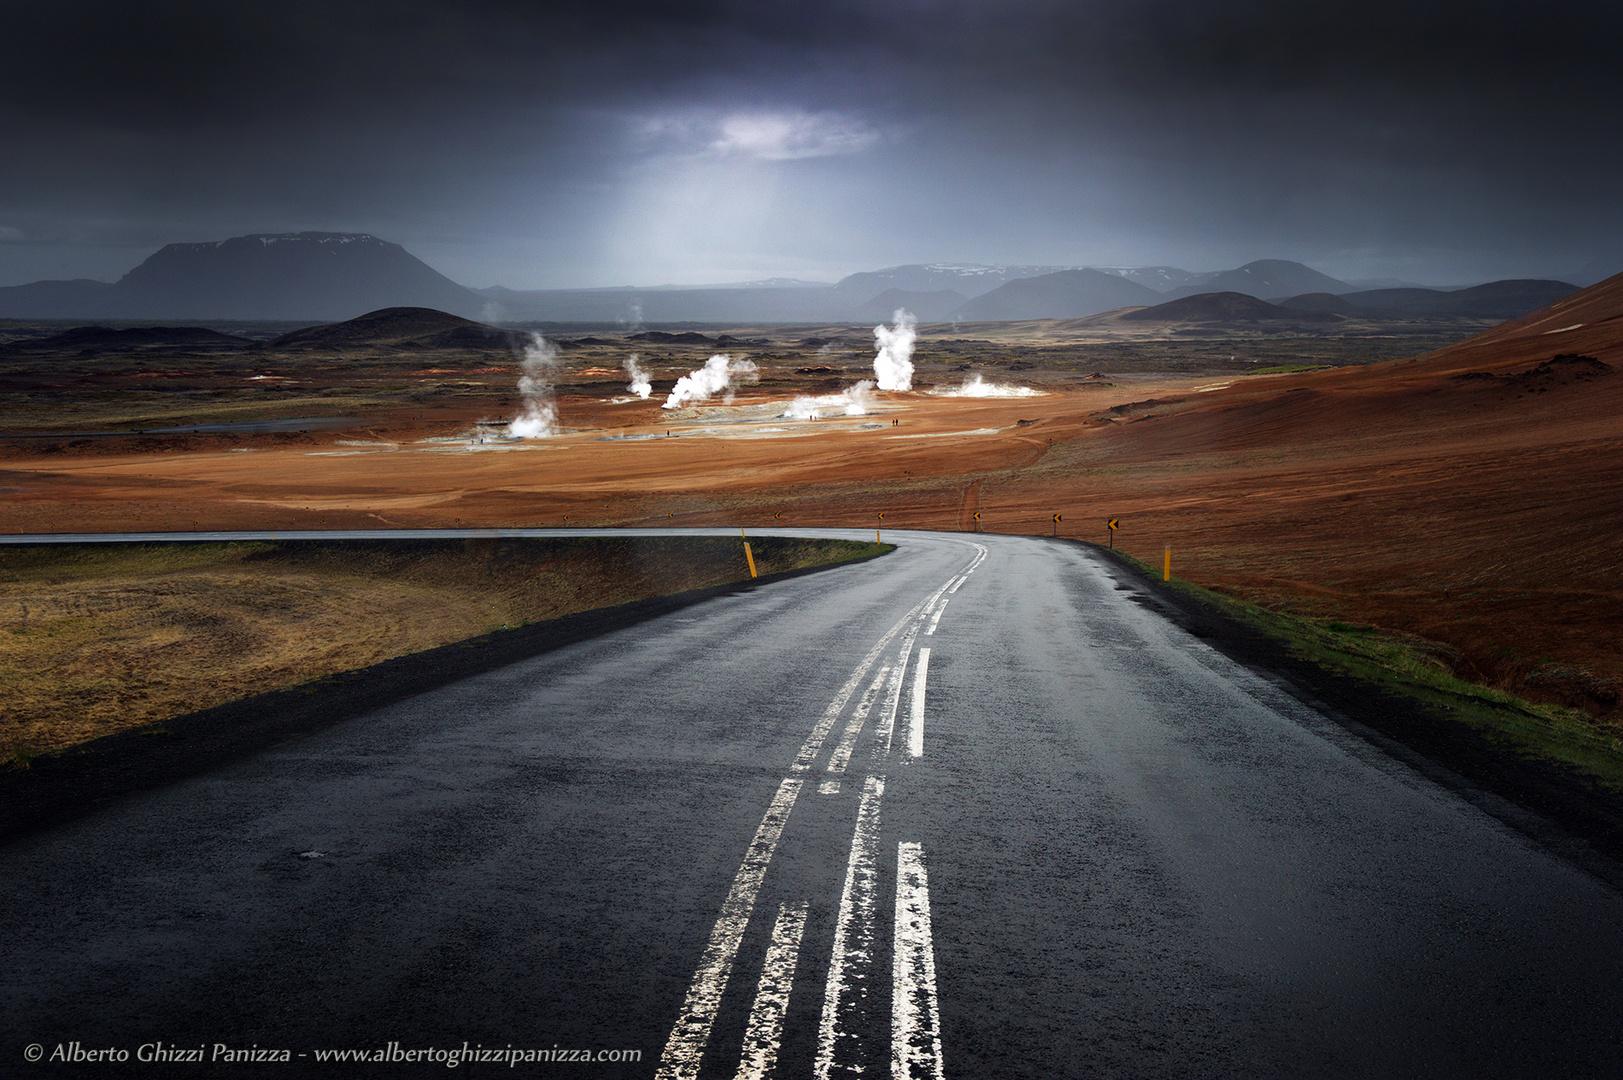 La strada che brucia